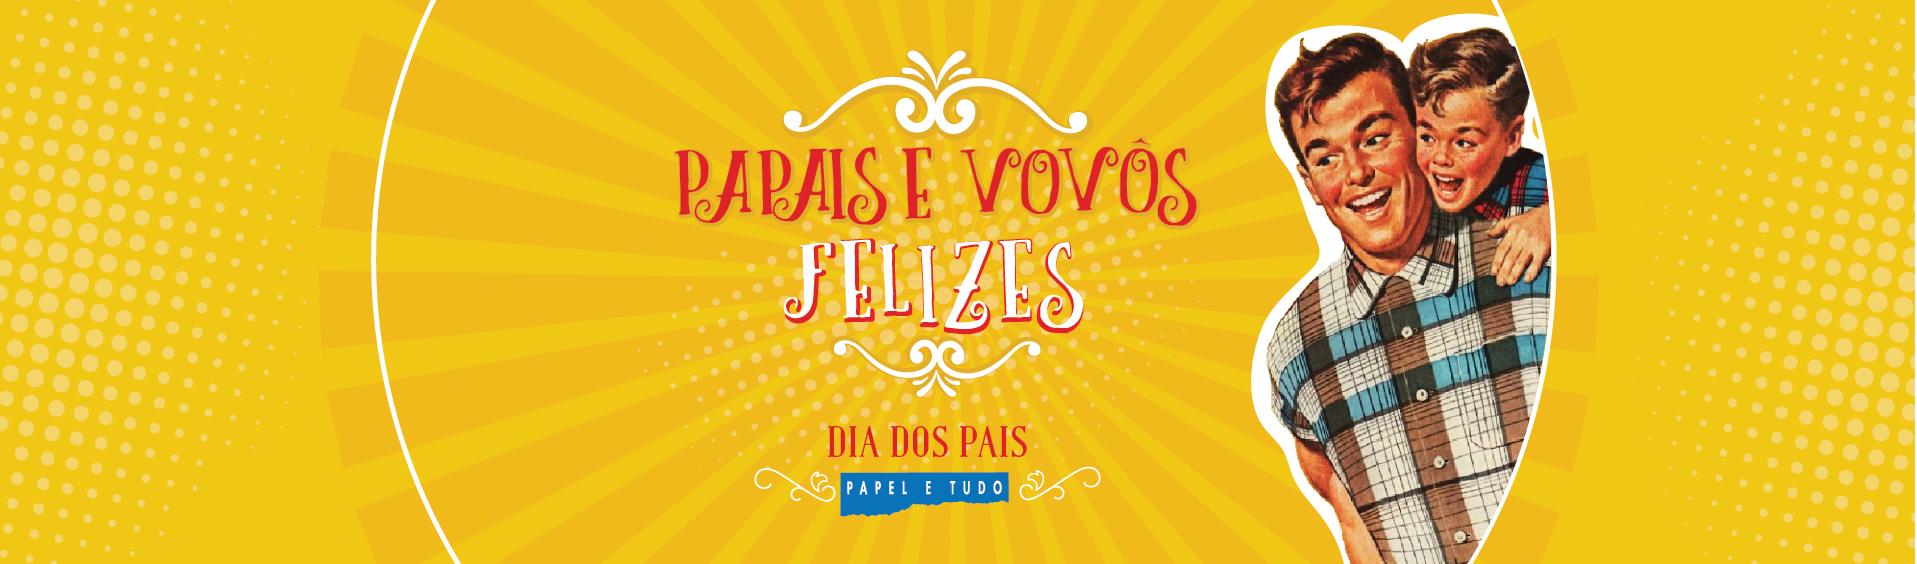 Banner_dia-dos_pais_2016-011